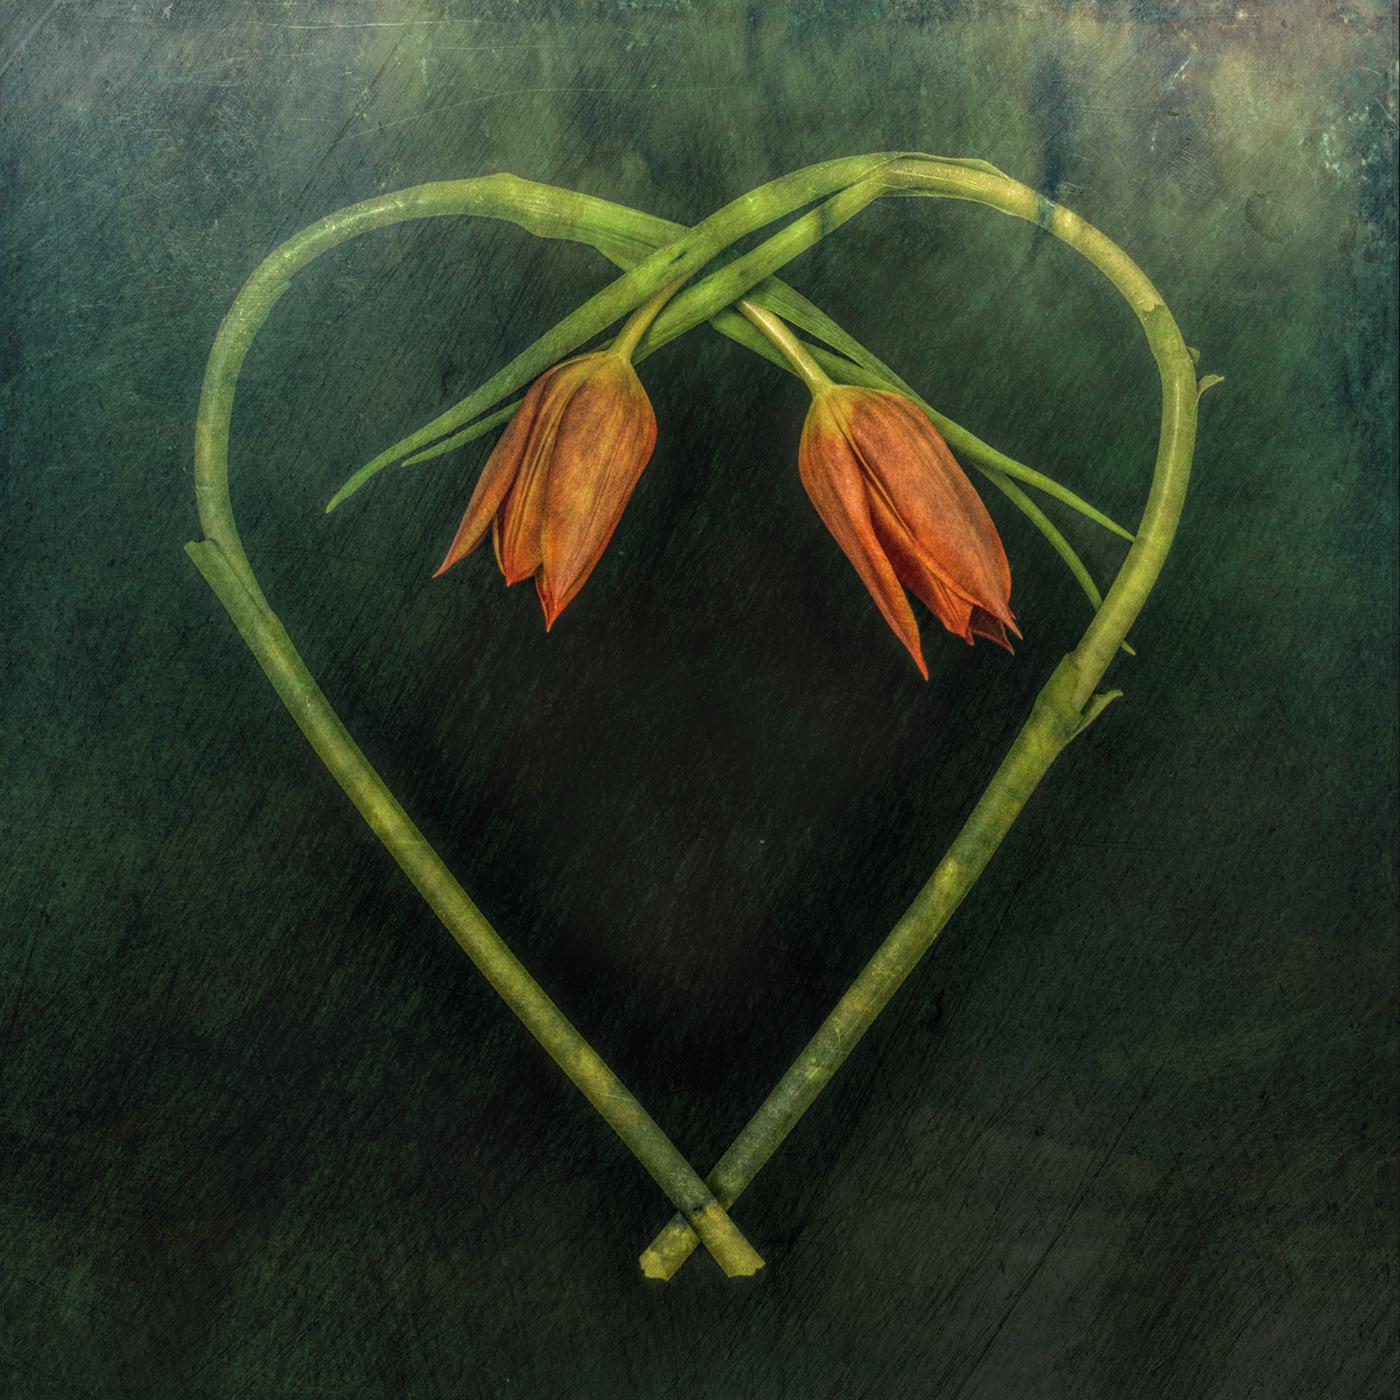 Hearts / фото Bettina Güber